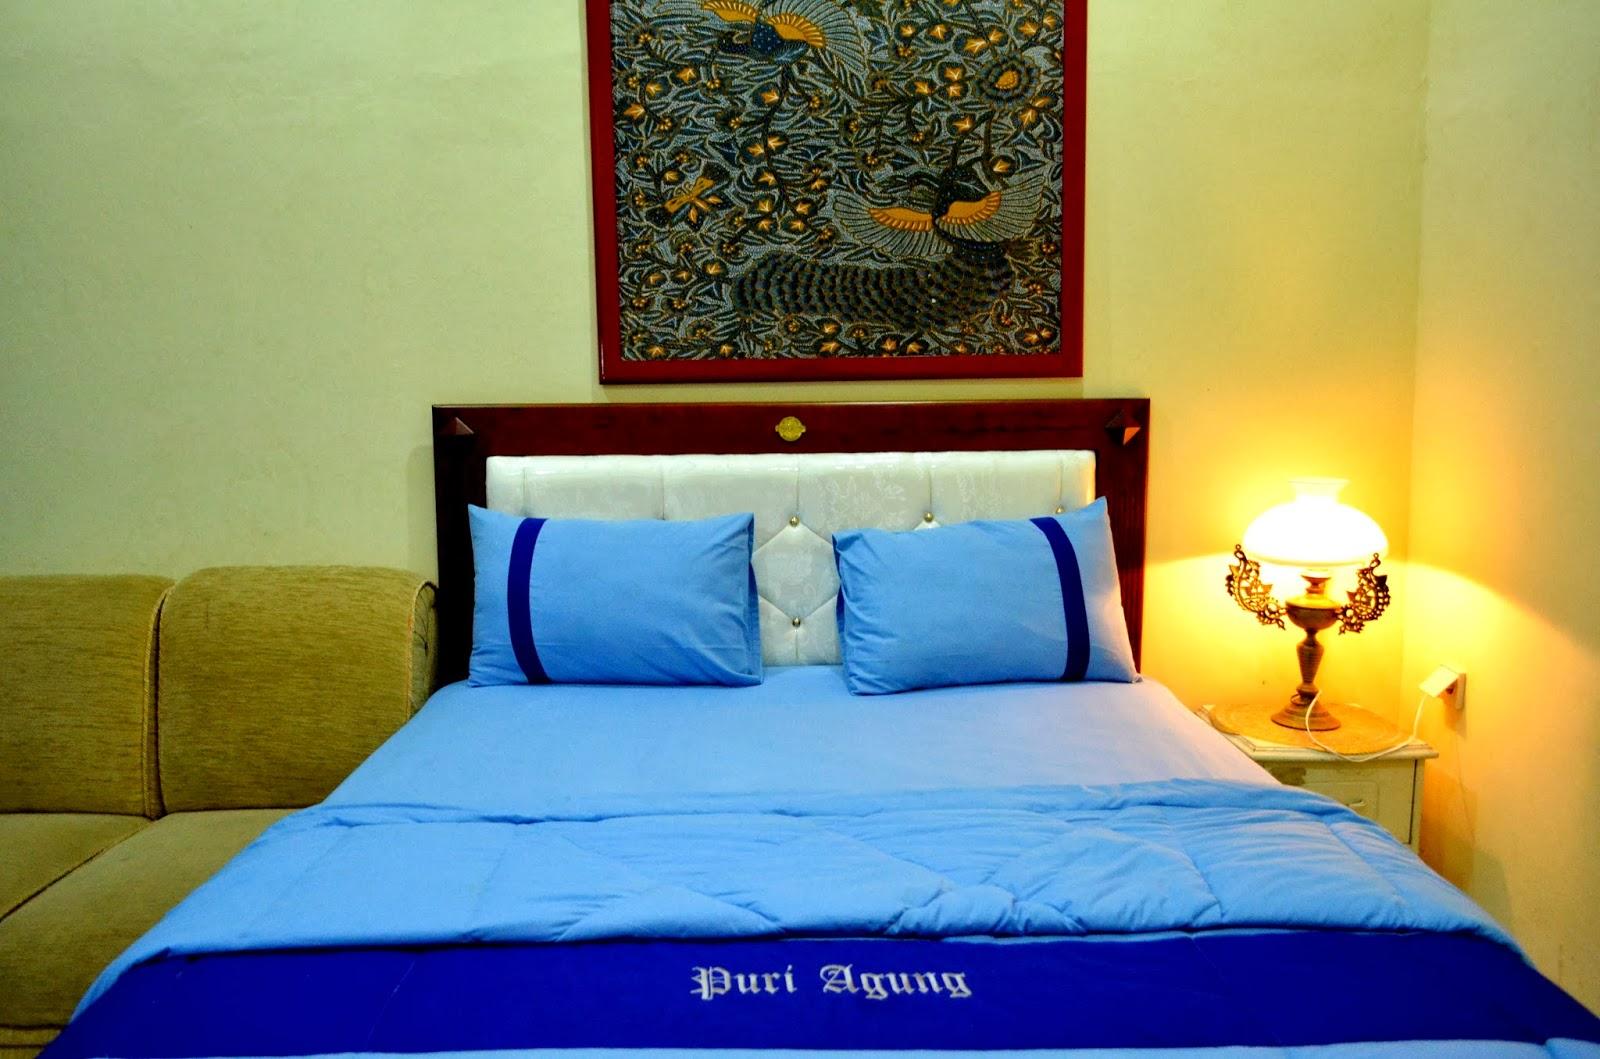 Hotel Puri Agung Ungaran Penginapan Bangunan Joglo Jawa Kamar Nyaman Gambar Kolam Renang Nuansa Arsitektur Alat Musik Gamelan Eksterior